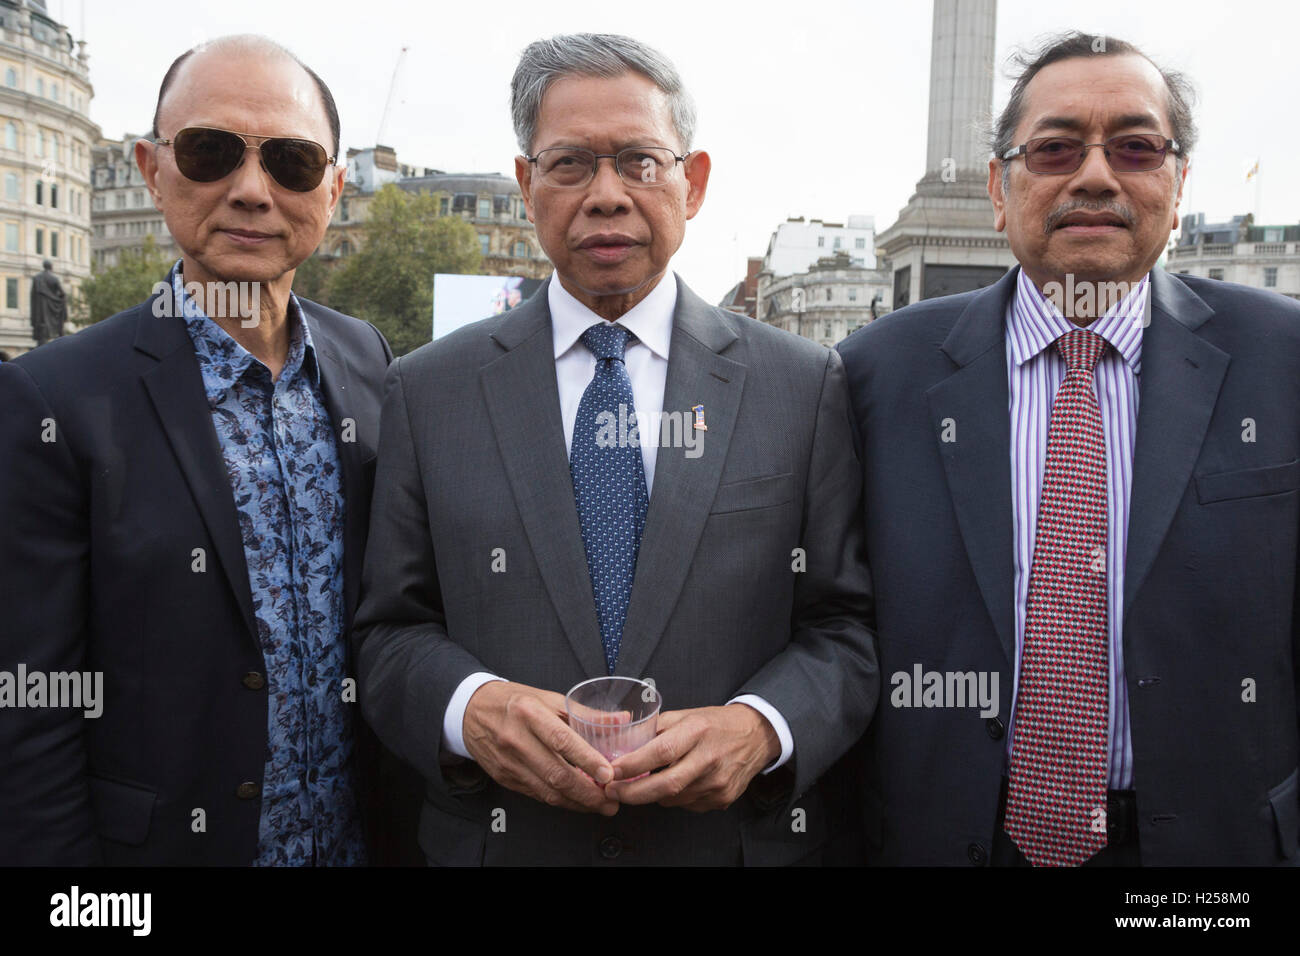 London, UK. 24th Sep, 2016. L-R: Fashion designer Jimmy Choo, The Hon. Dato' Sri Mustapa Mohamed, Minister of International Stock Photo